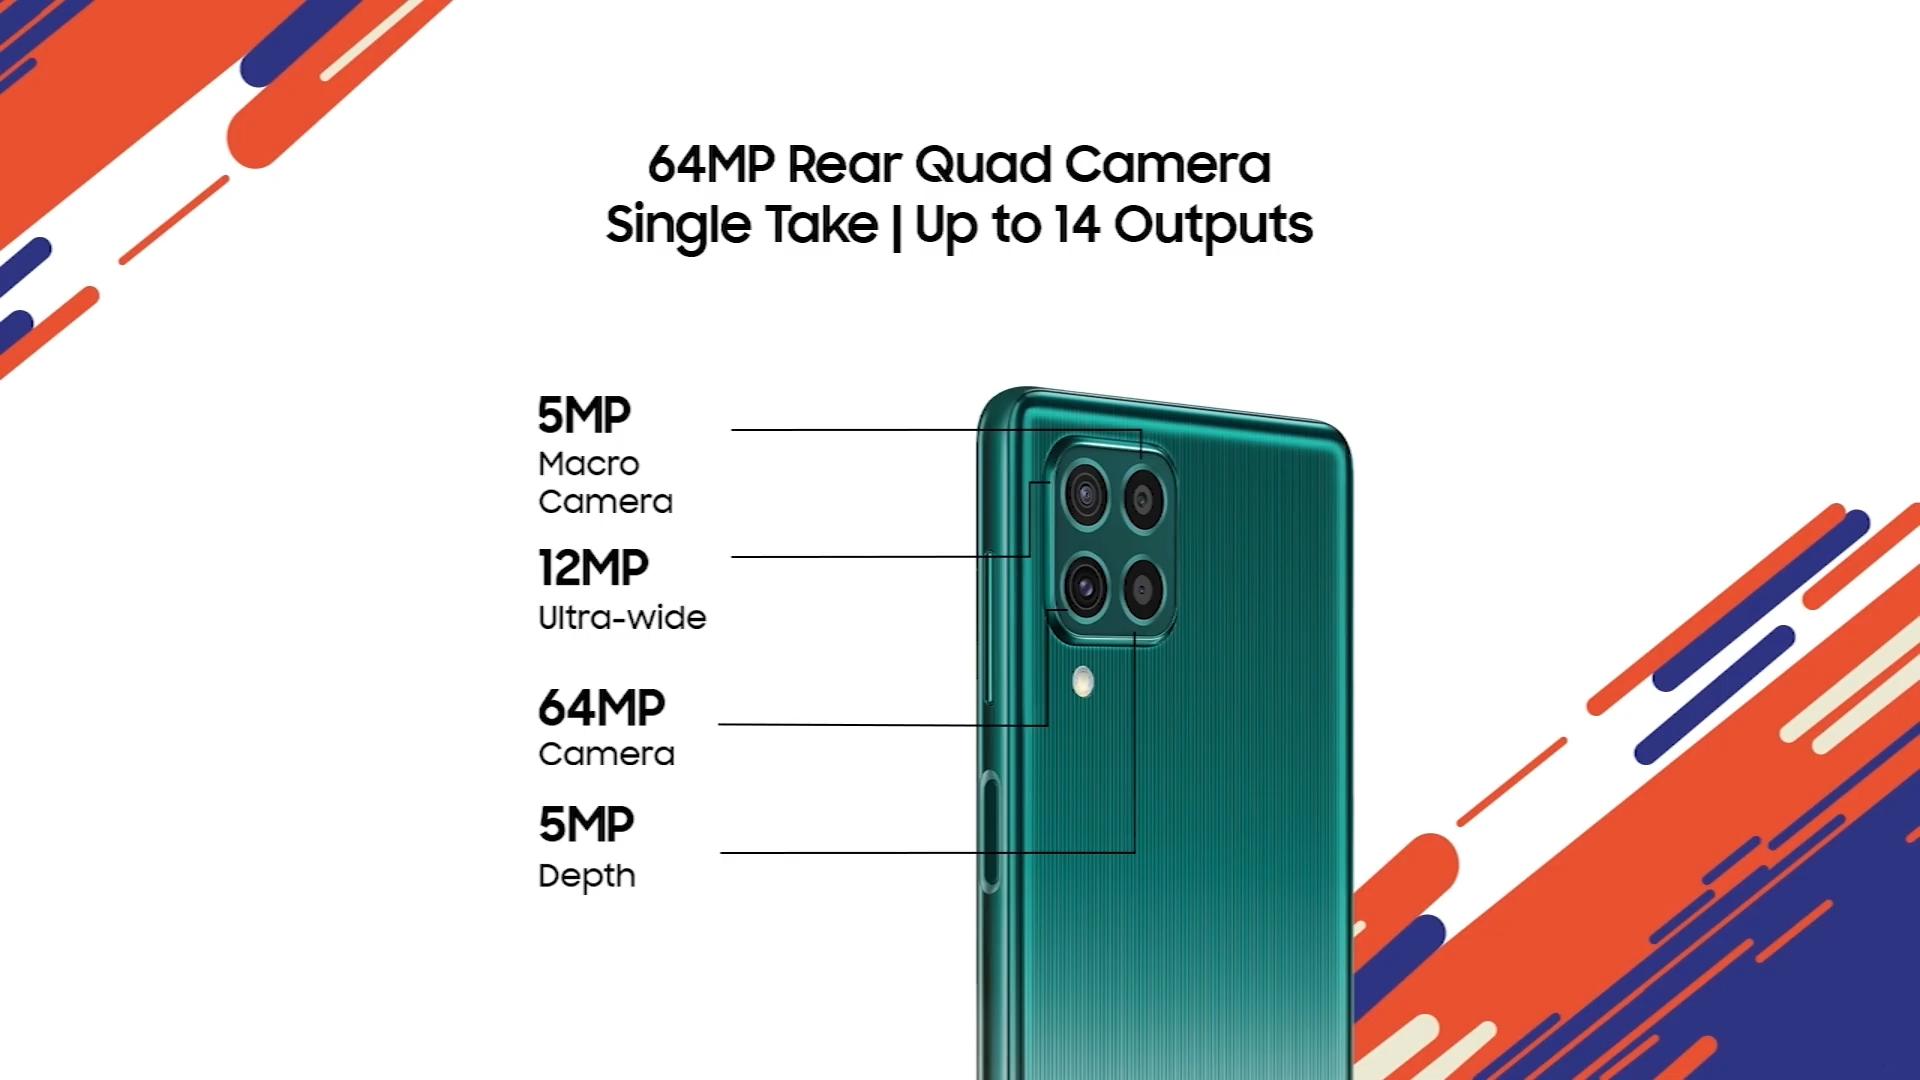 Samsung Galaxy F62 Rear Camera